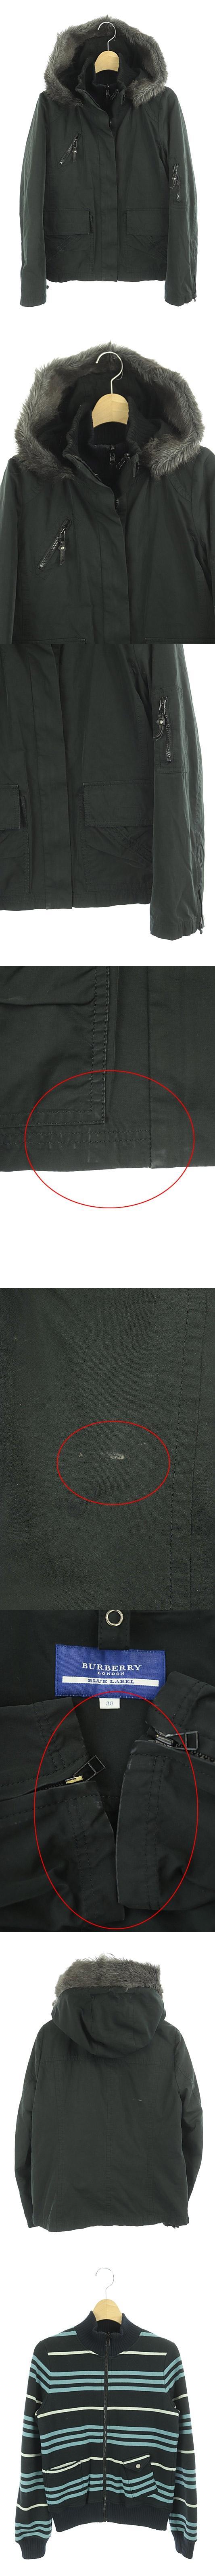 ジャケット ブルゾン フード 3WAY 38 黒 /DF ■OS